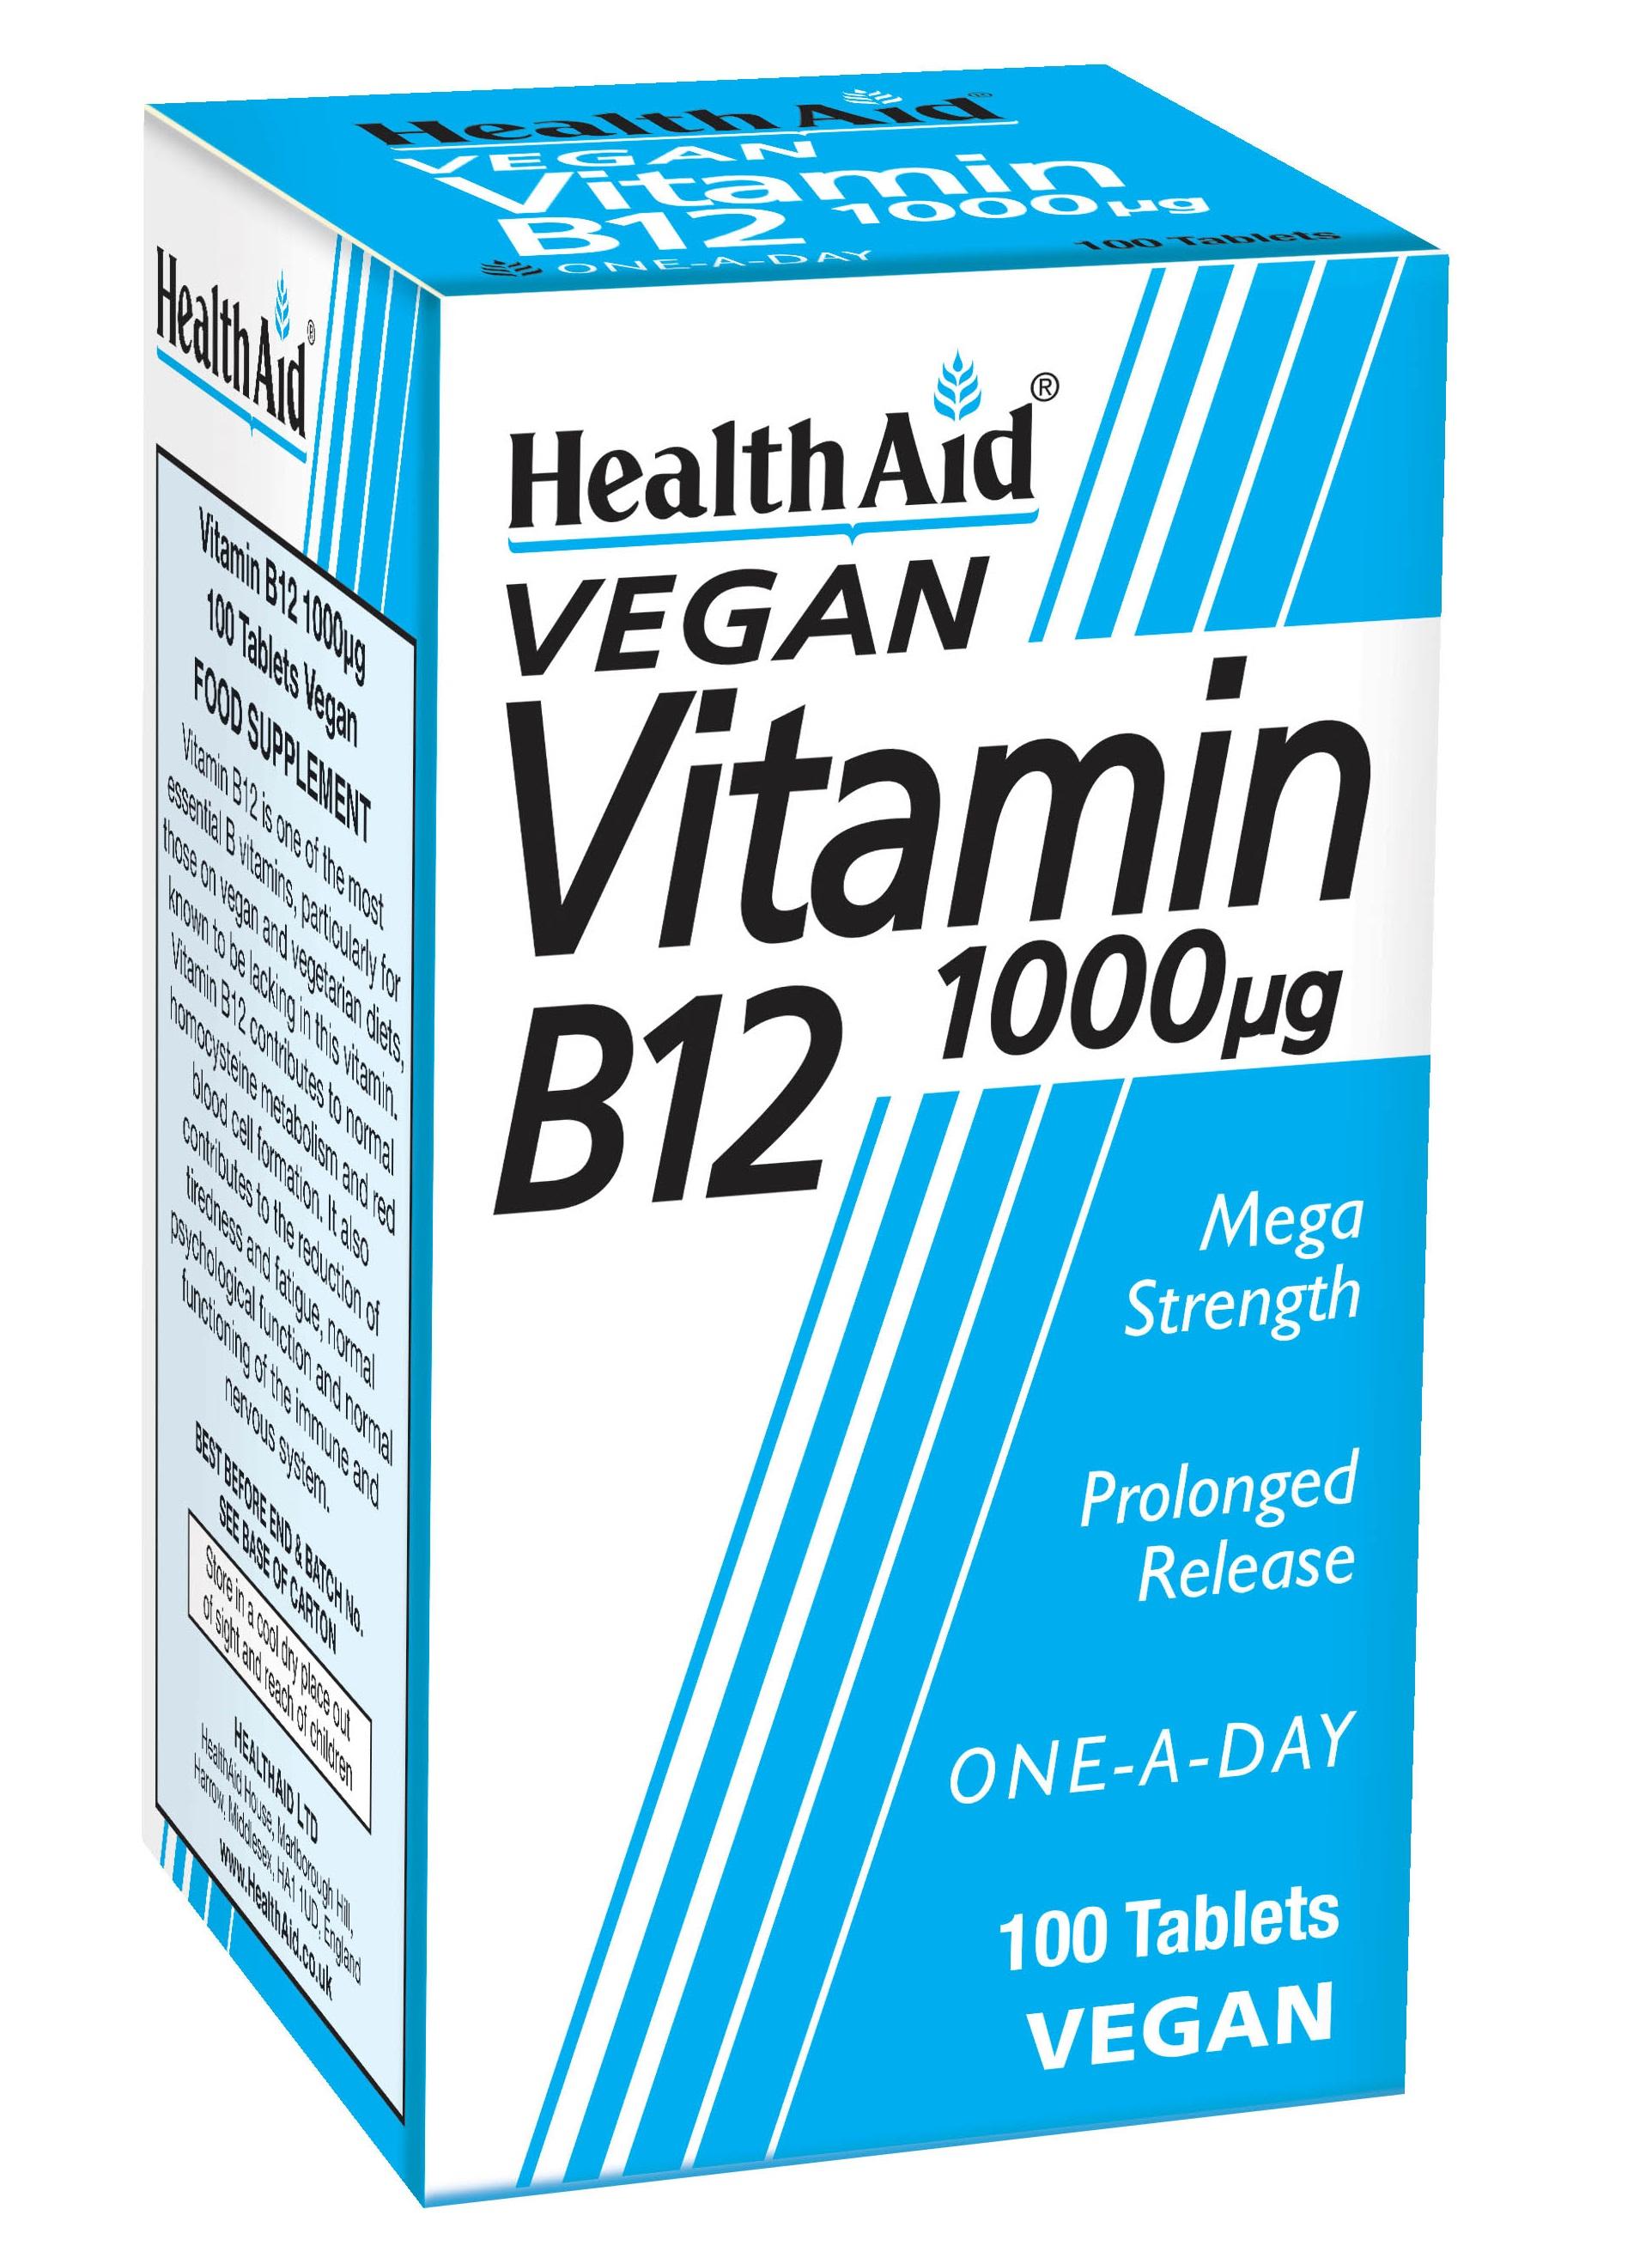 Vegan Vitamin B12 1000ug 100's